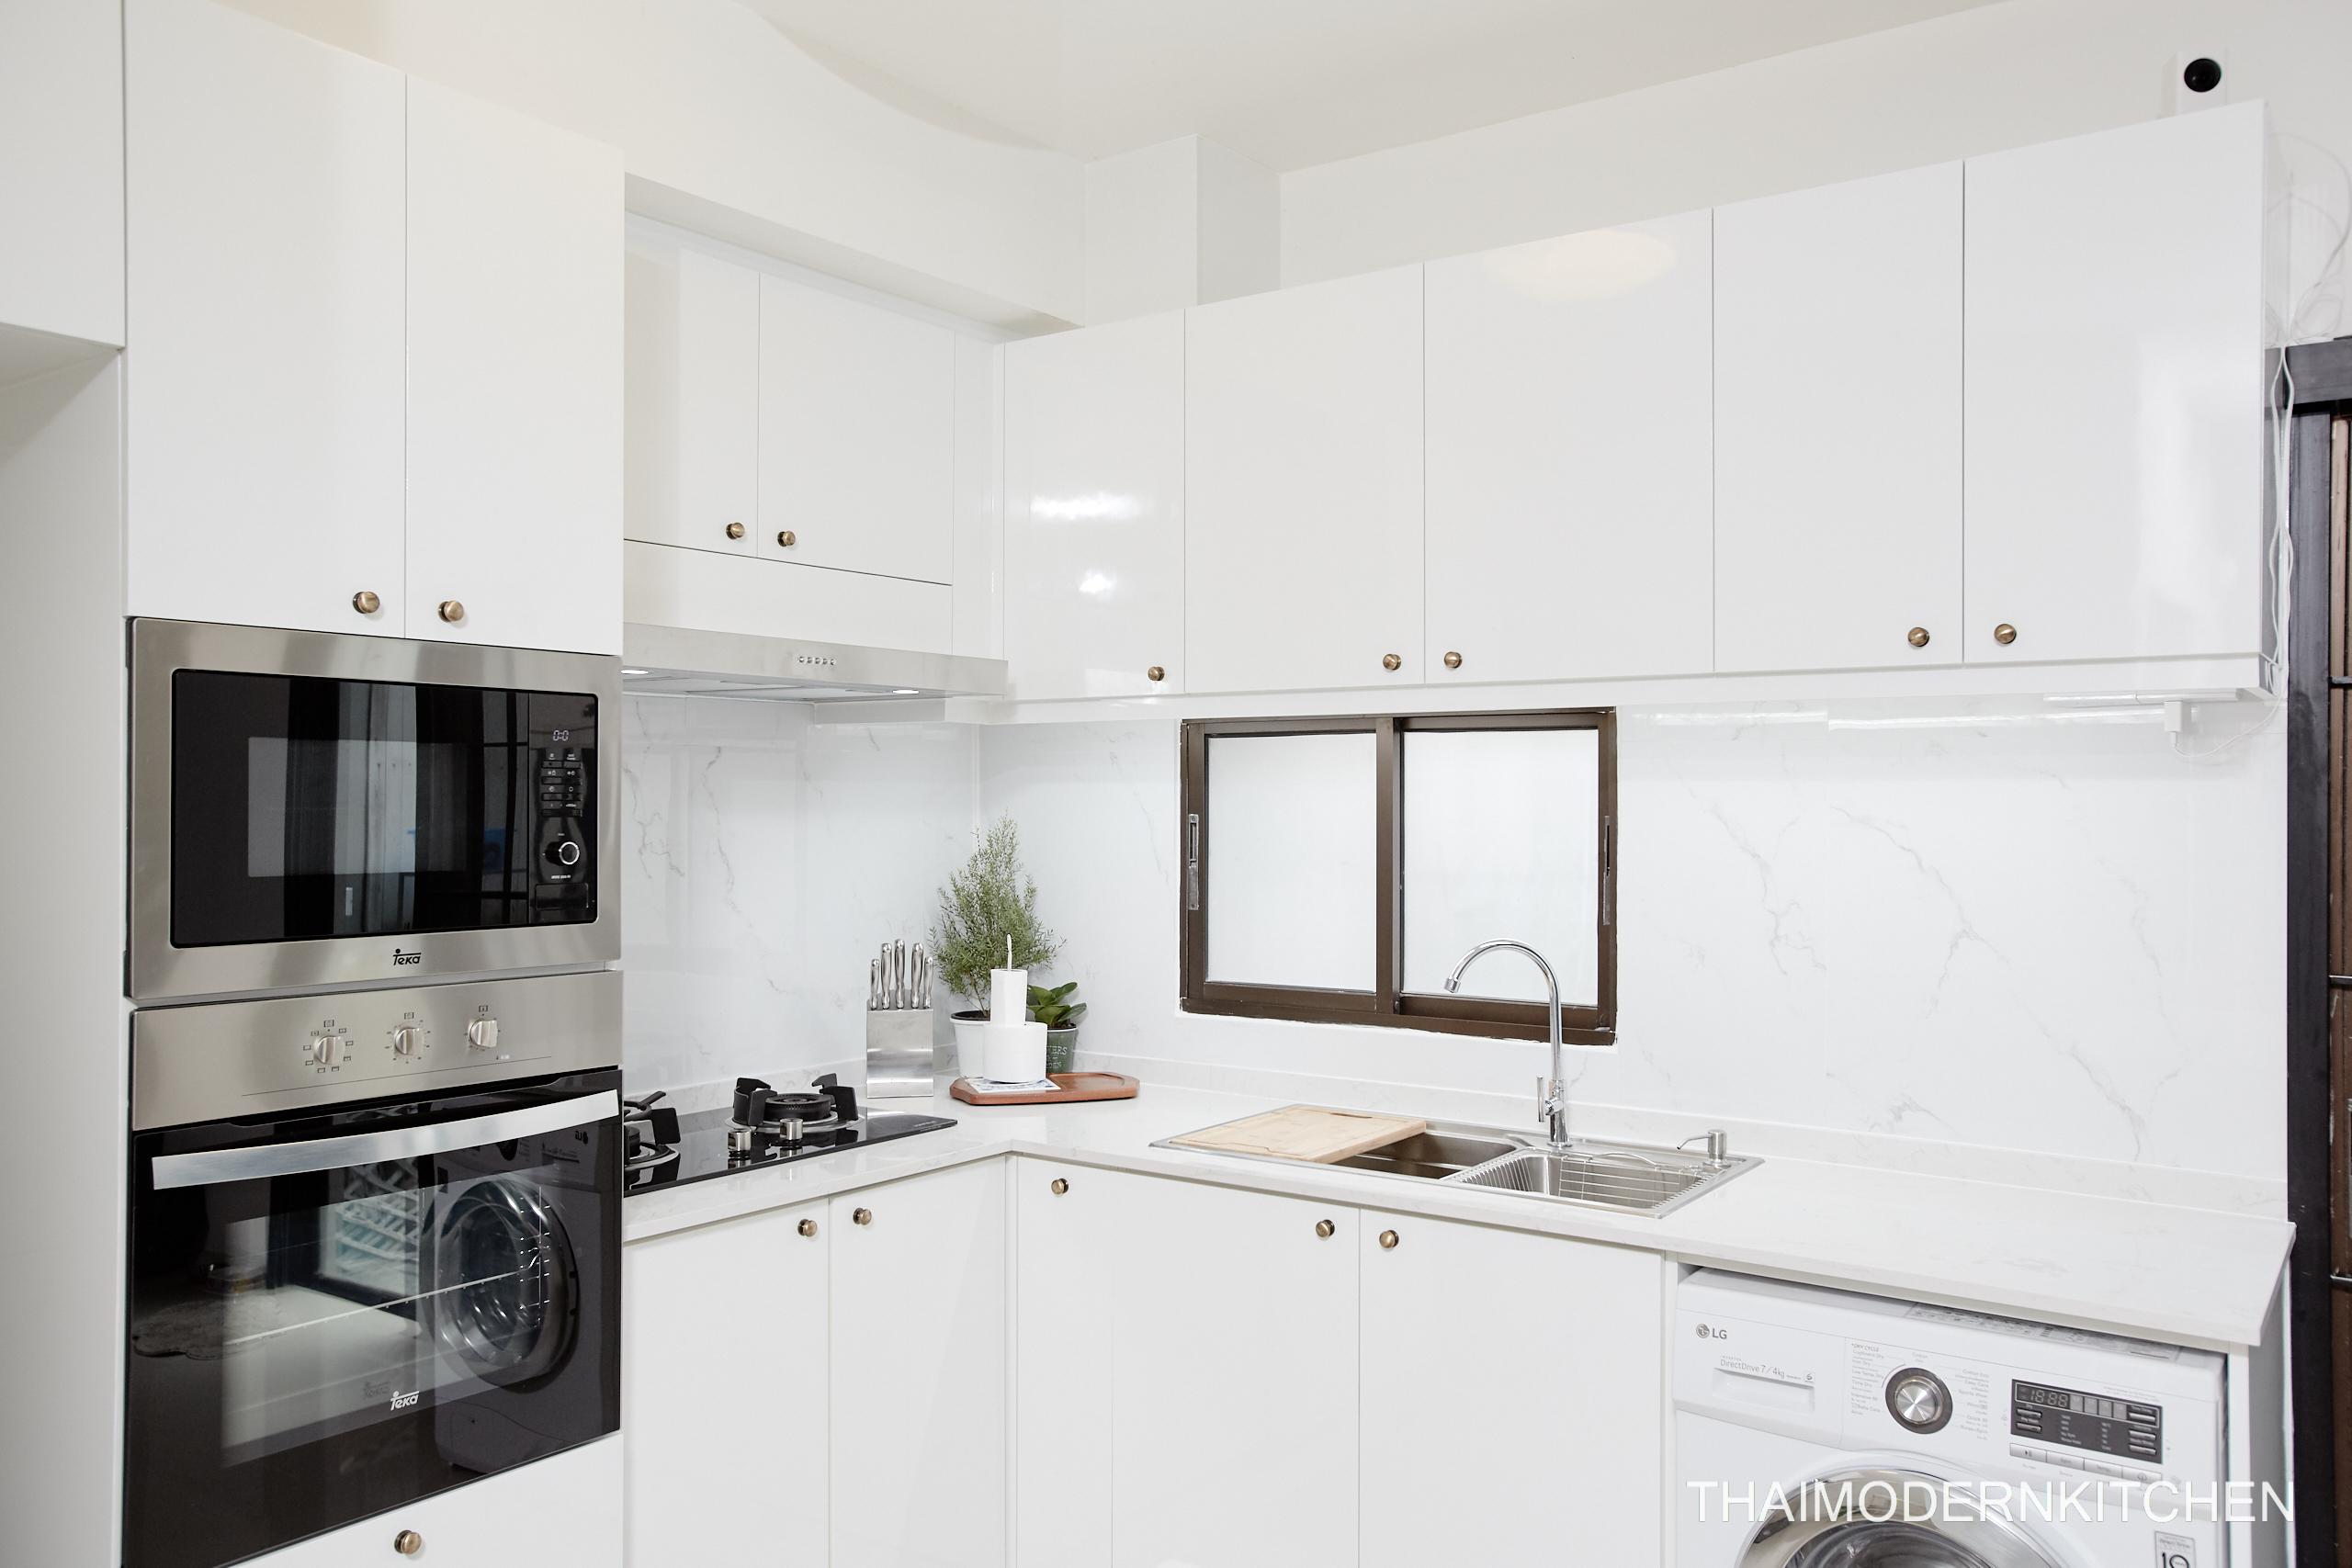 1.7×1.2 ตู้บน+ล่าง 0.9 ตู้เต็ม 0.9 ตู้บนเหนือตู้เย็น